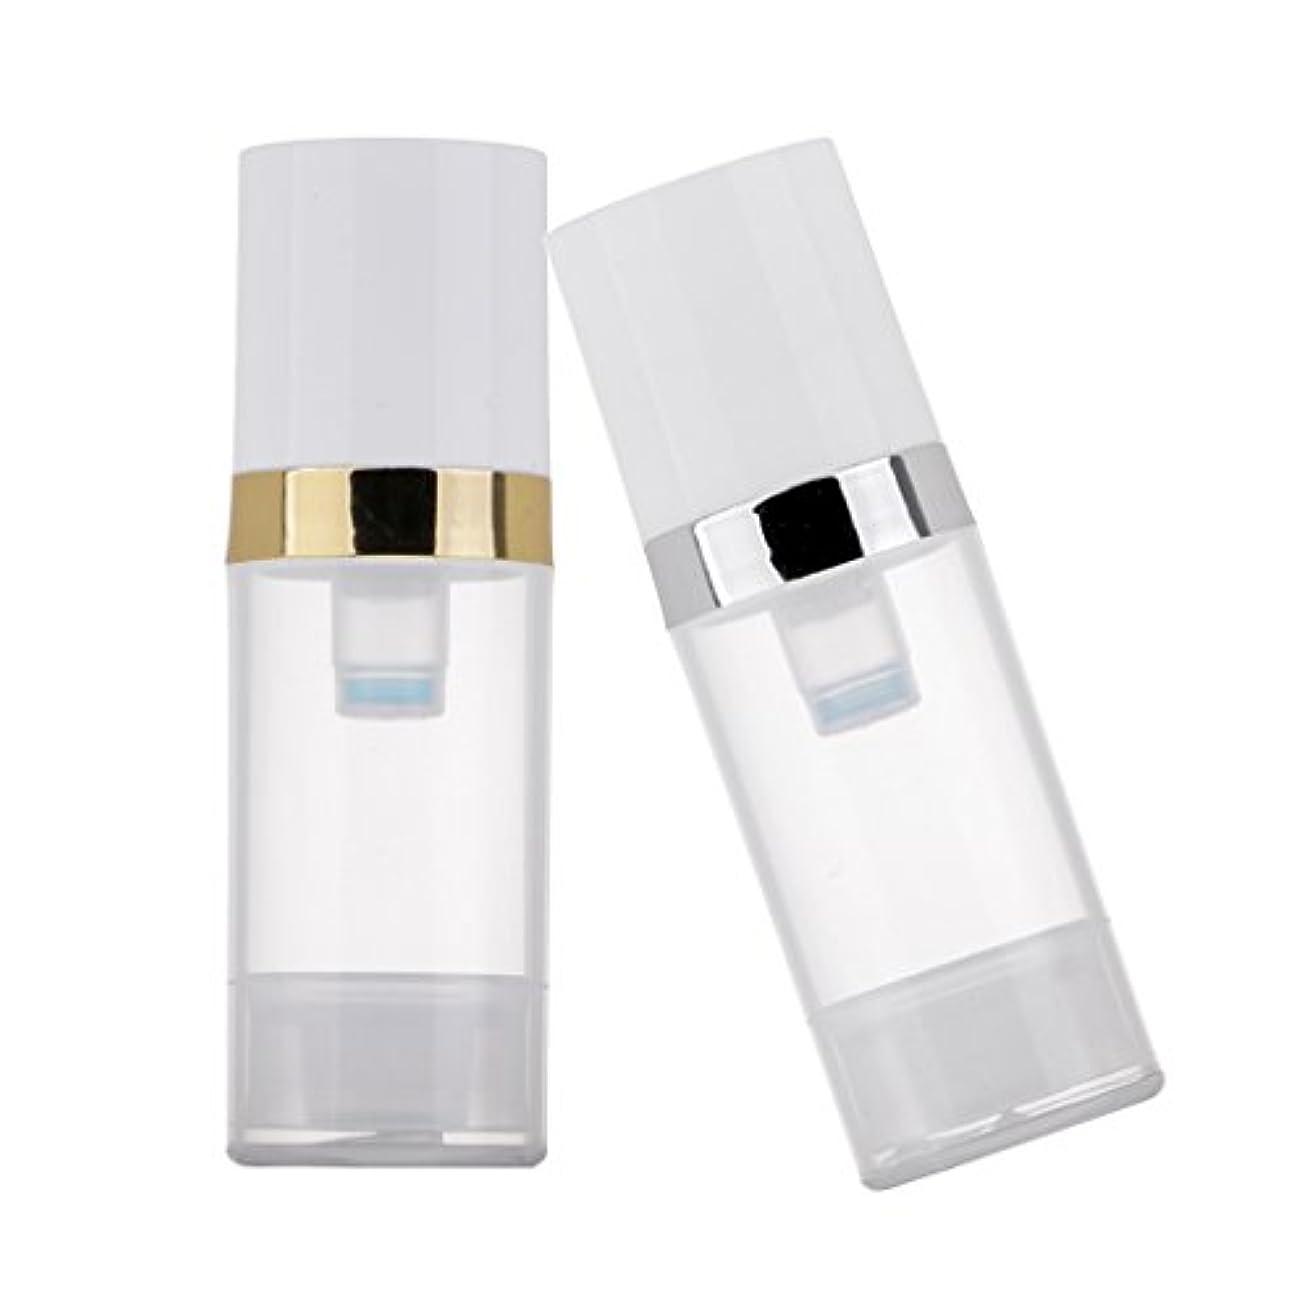 信じる害評判2個 ポンプボトル ディスペンサー 10ml クリア 真空 プレスポンプボトル 化粧品 ローション コンテナ 詰め替え可